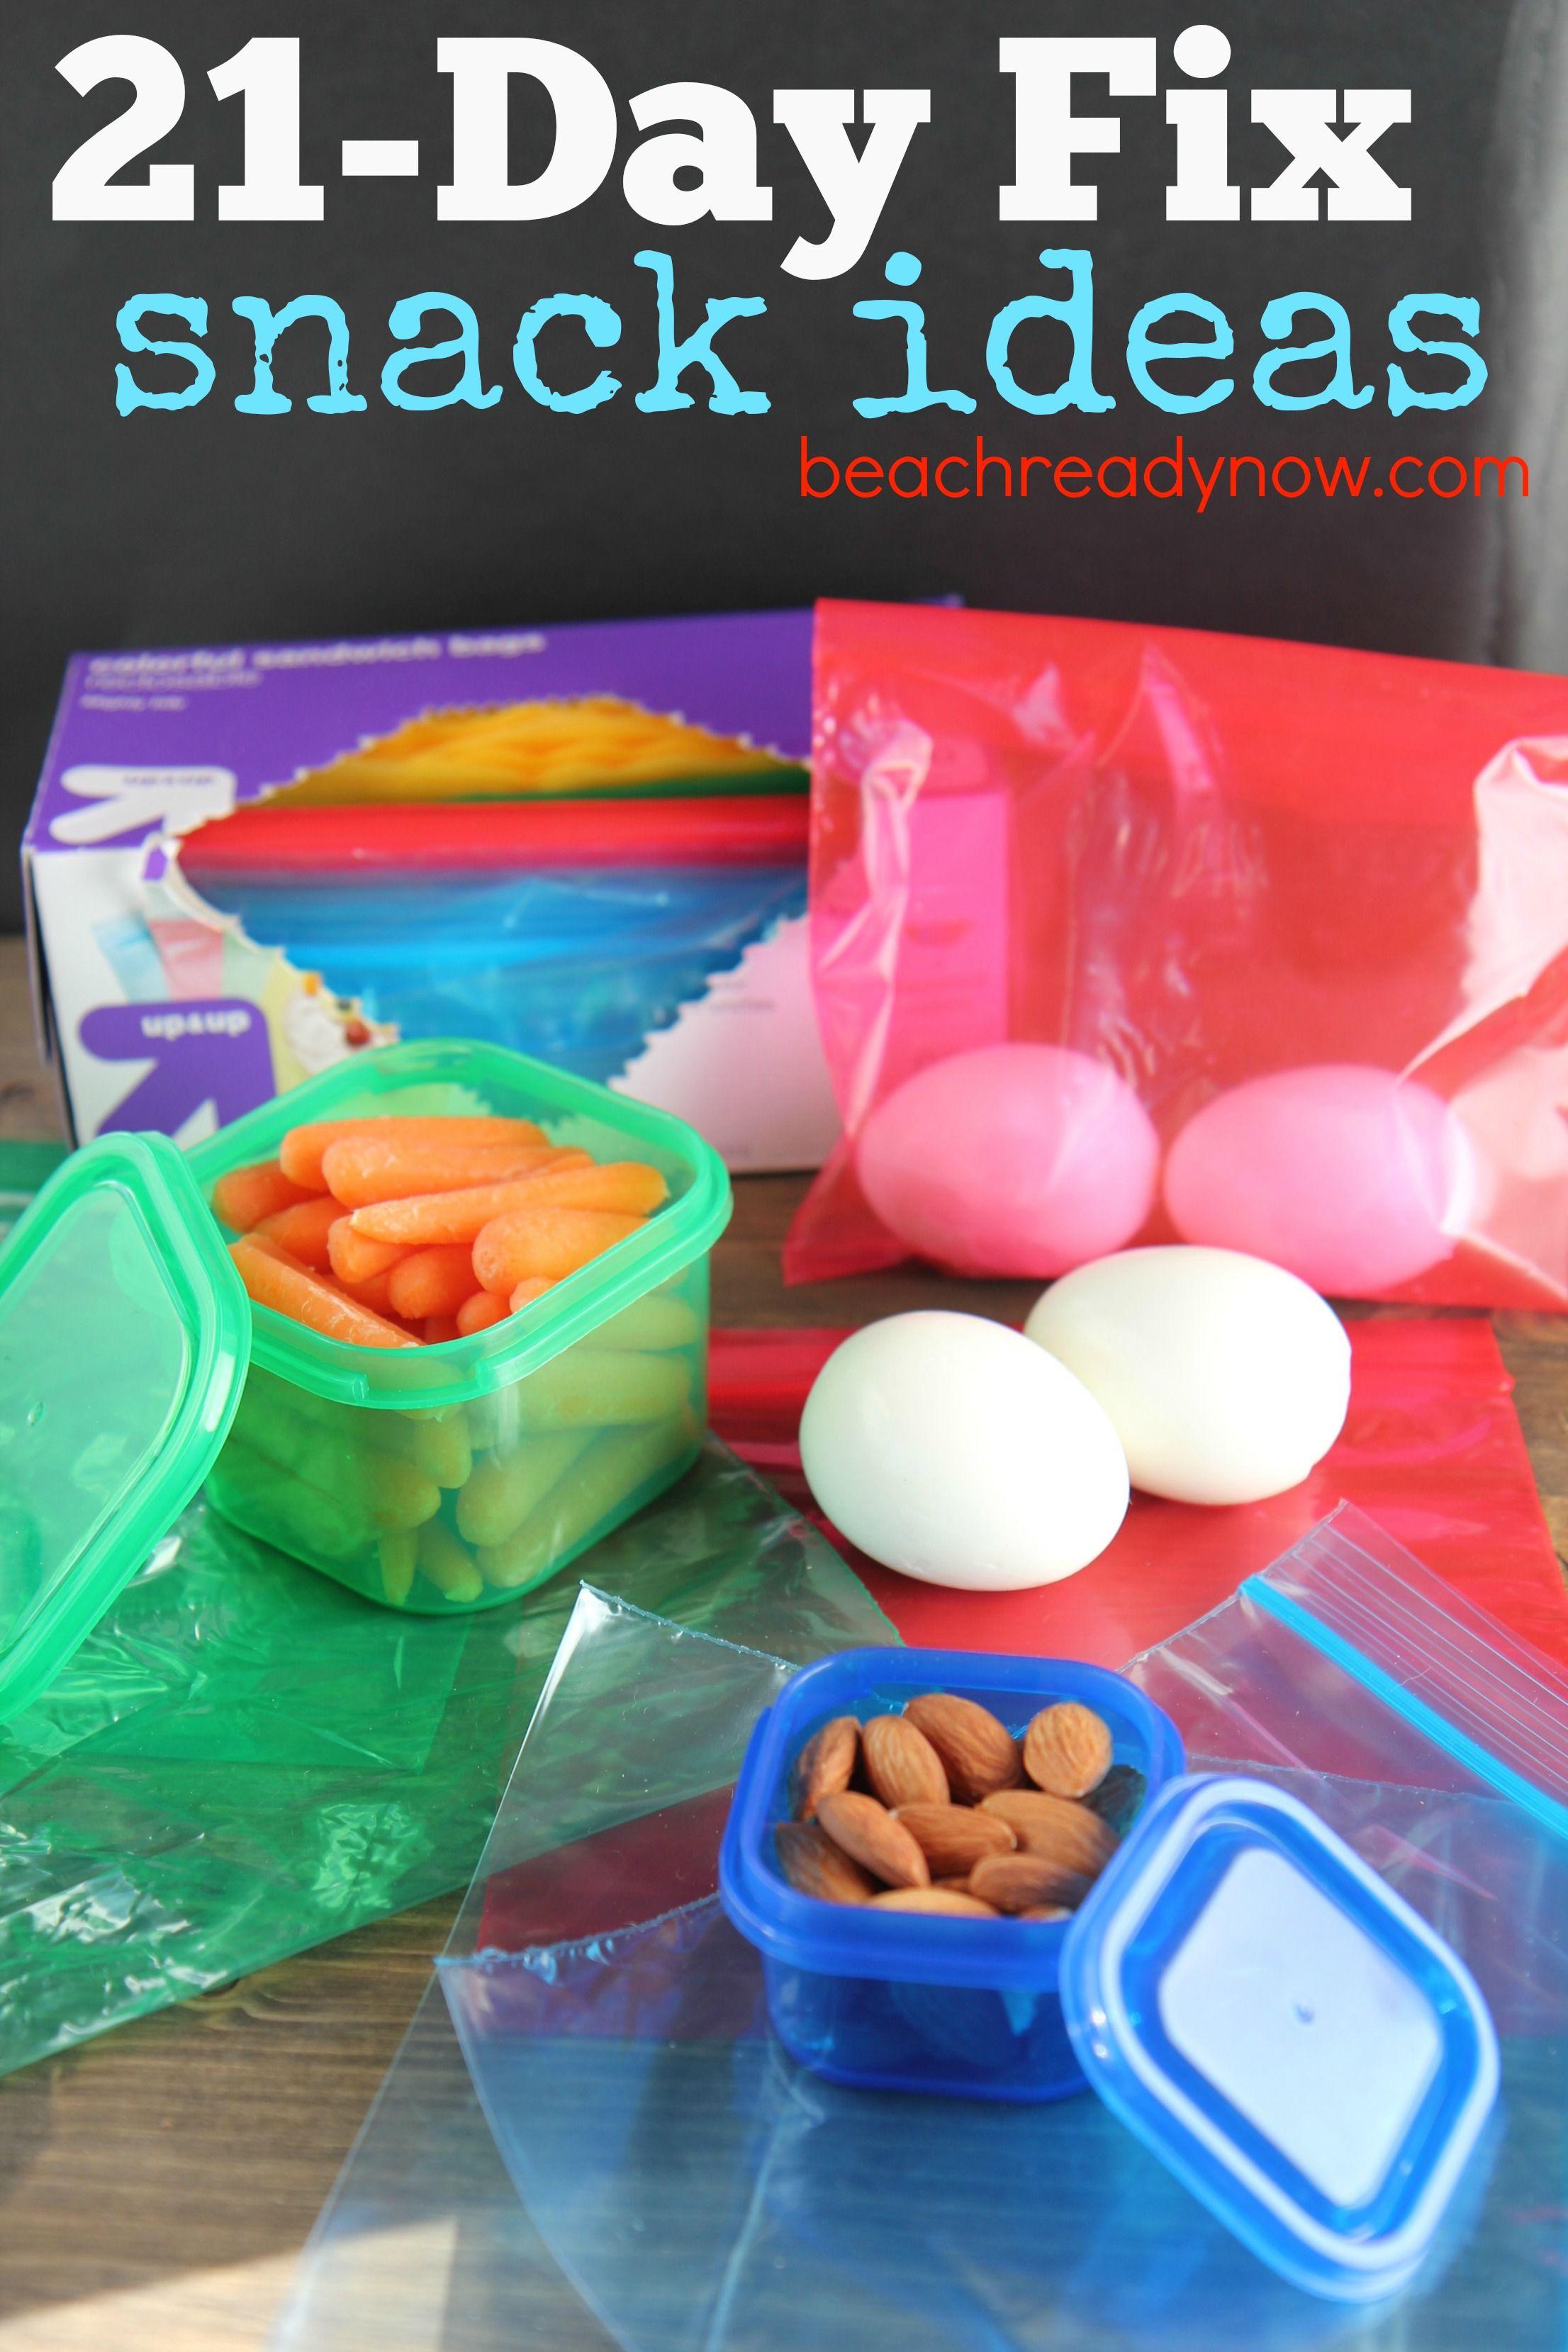 21 day fix recipe ideas   21-Day Fix Snack Ideas #21DayFix #BeachReadyNow #Fitness